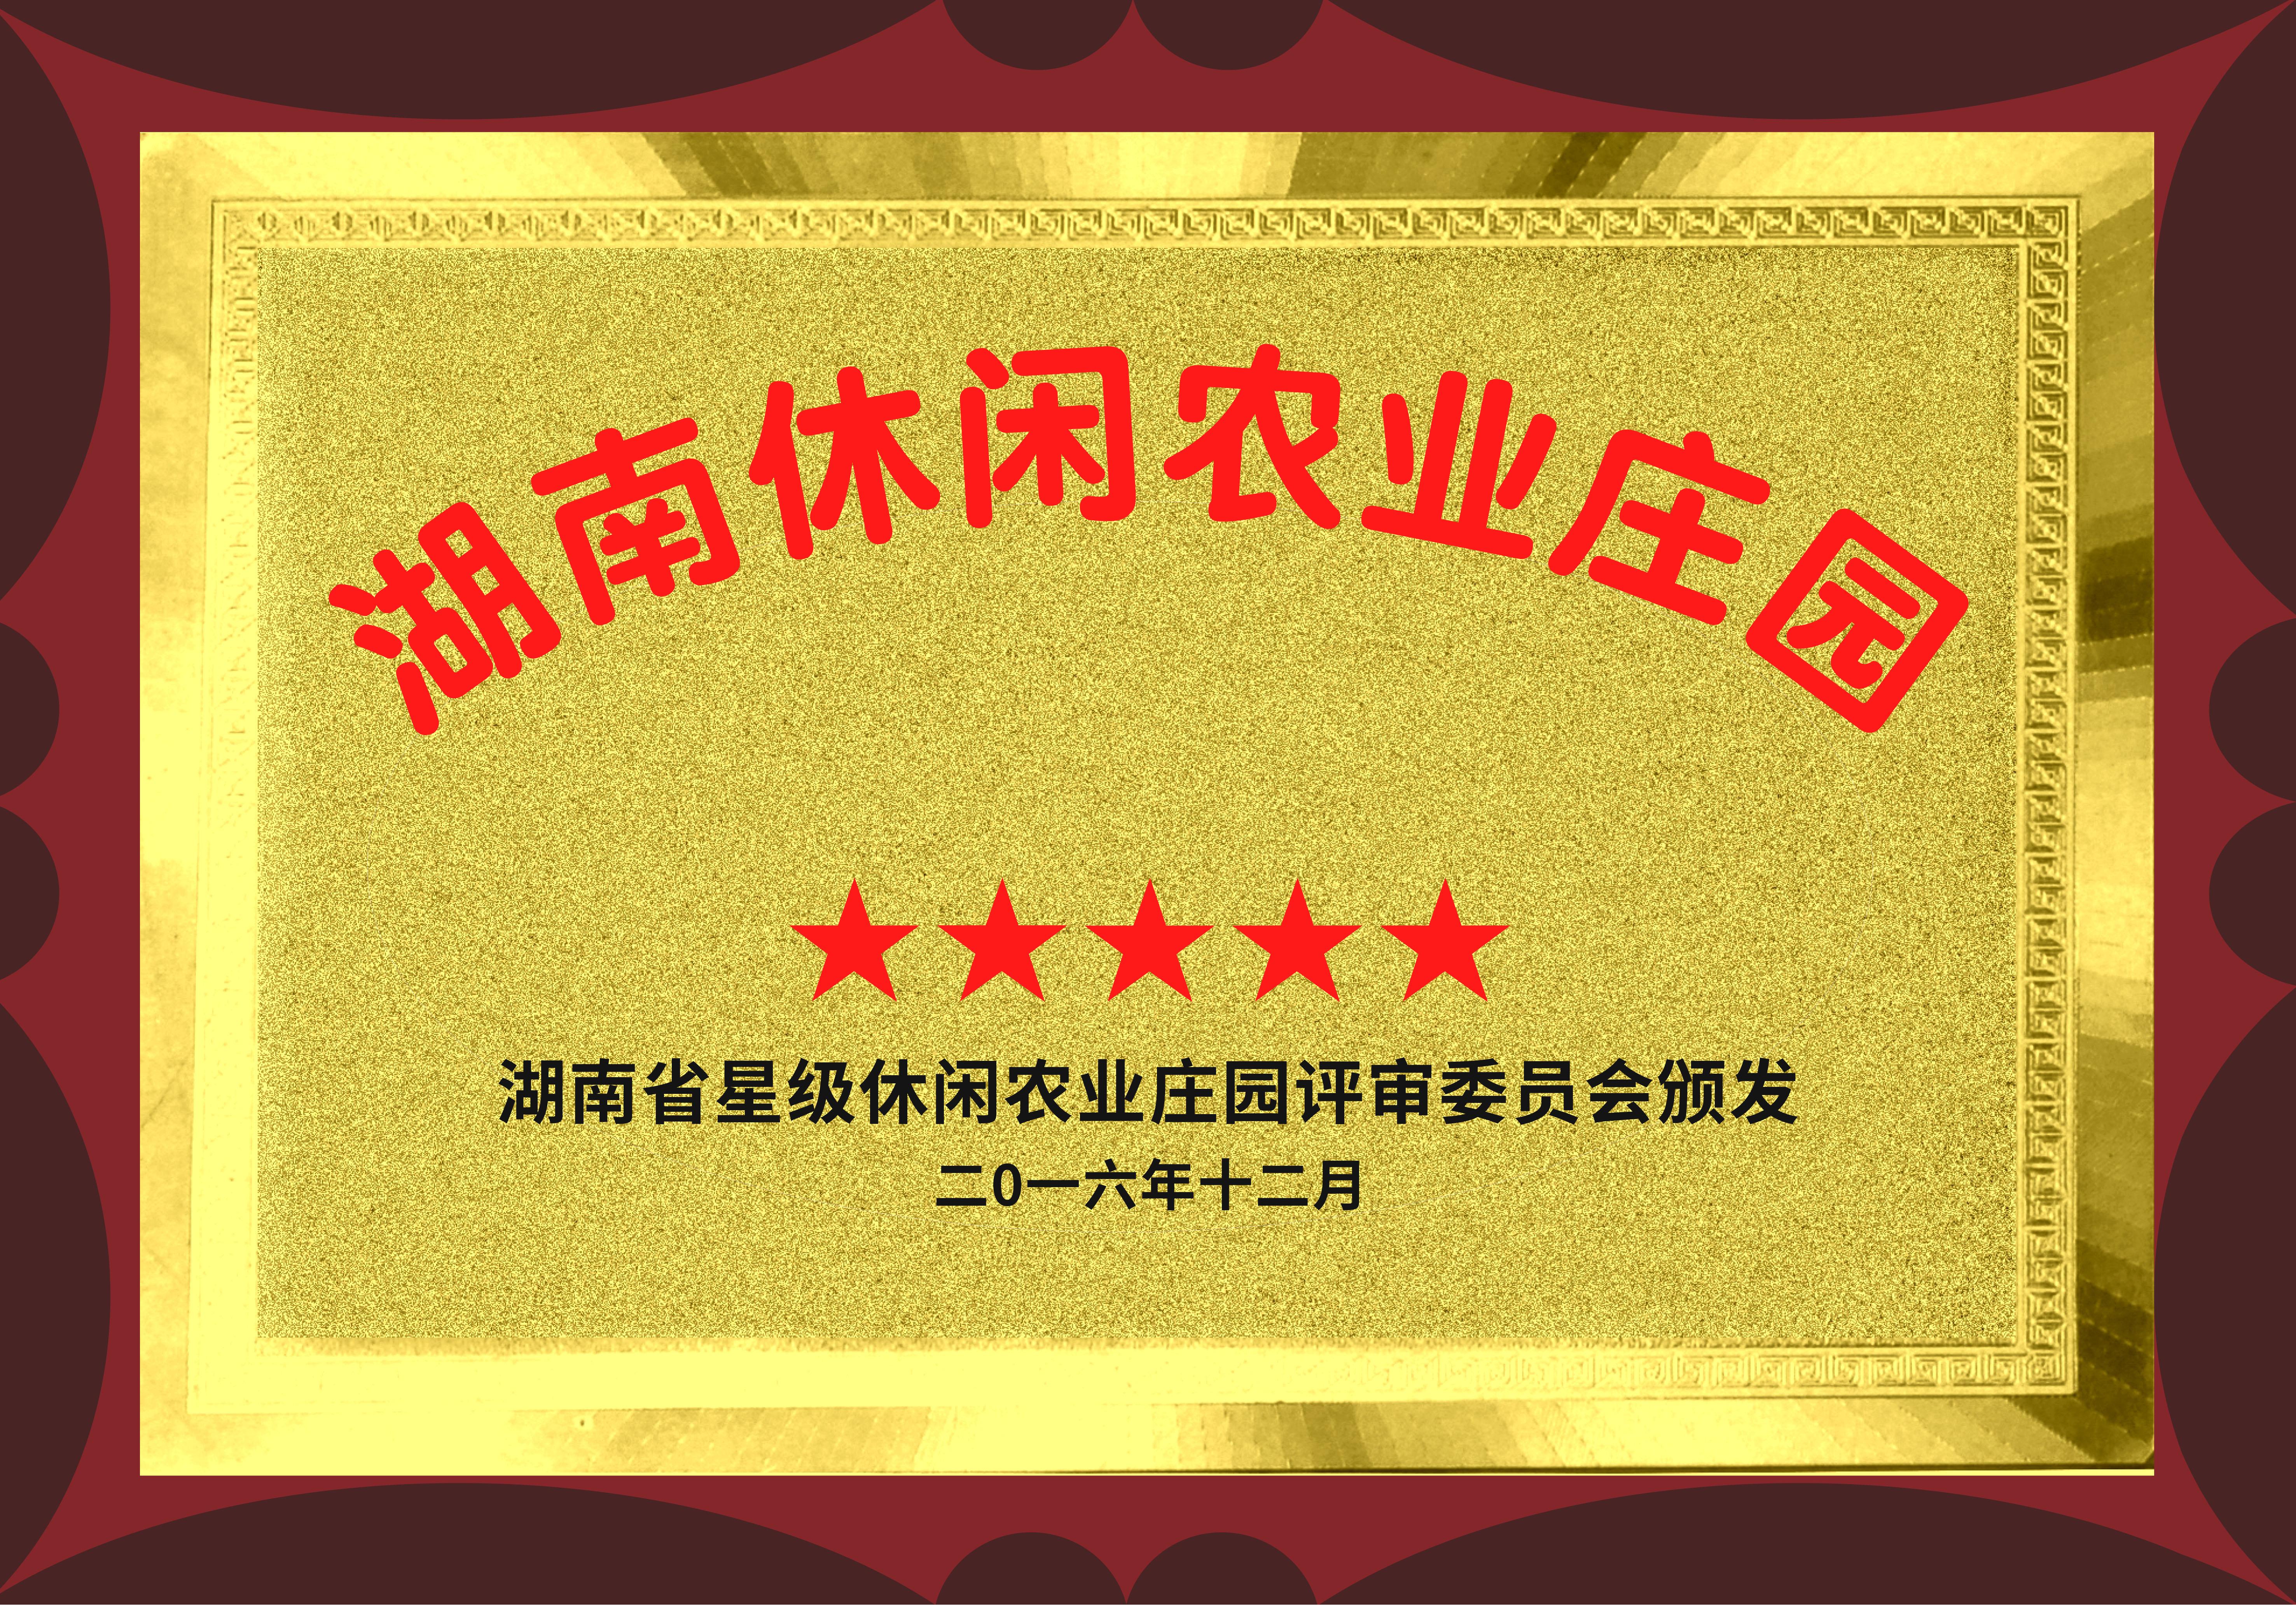 【湖南休闲农业庄园】